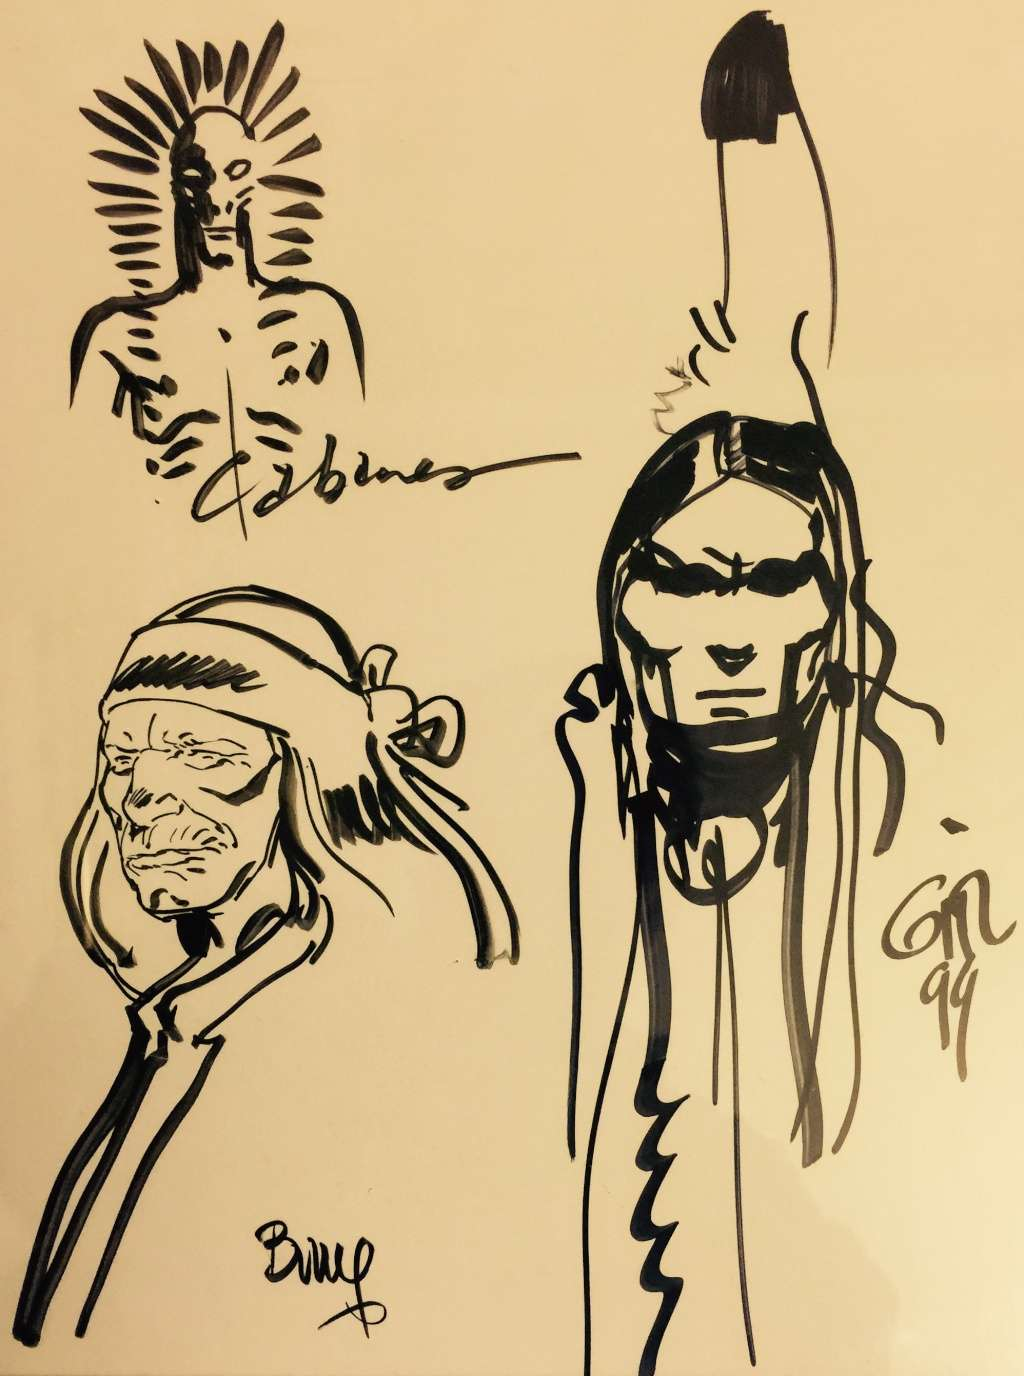 Les dessins ou dédicaces à plusieurs mains - Page 2 Giraud17